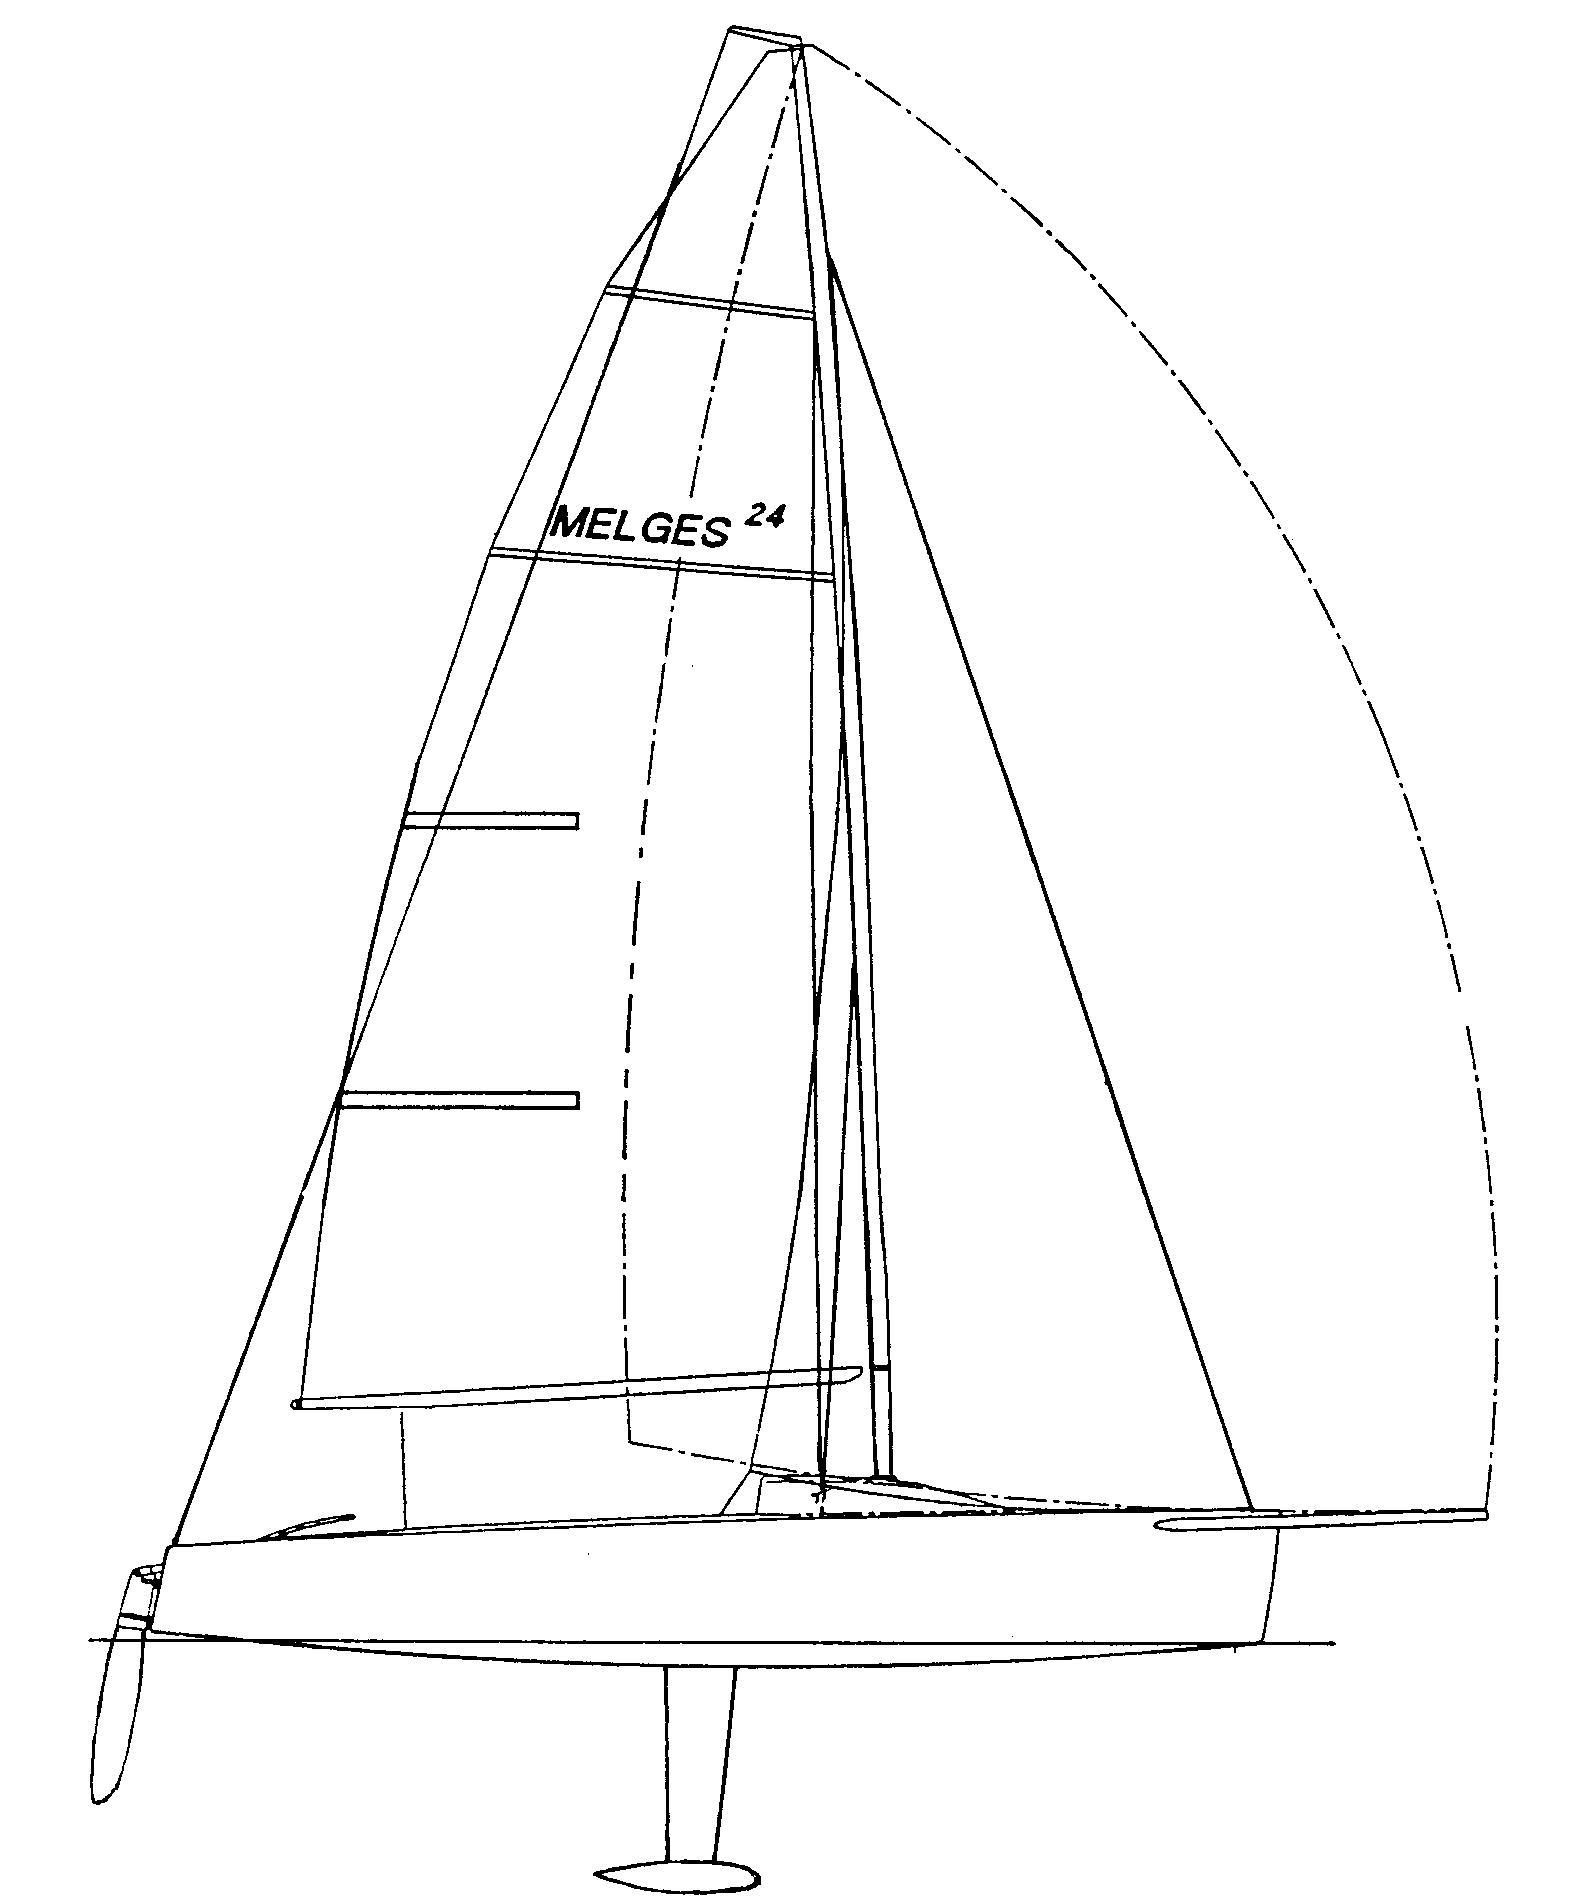 MR196 Recreational vessels 8 metres & over (402.2 KB JPG) ...